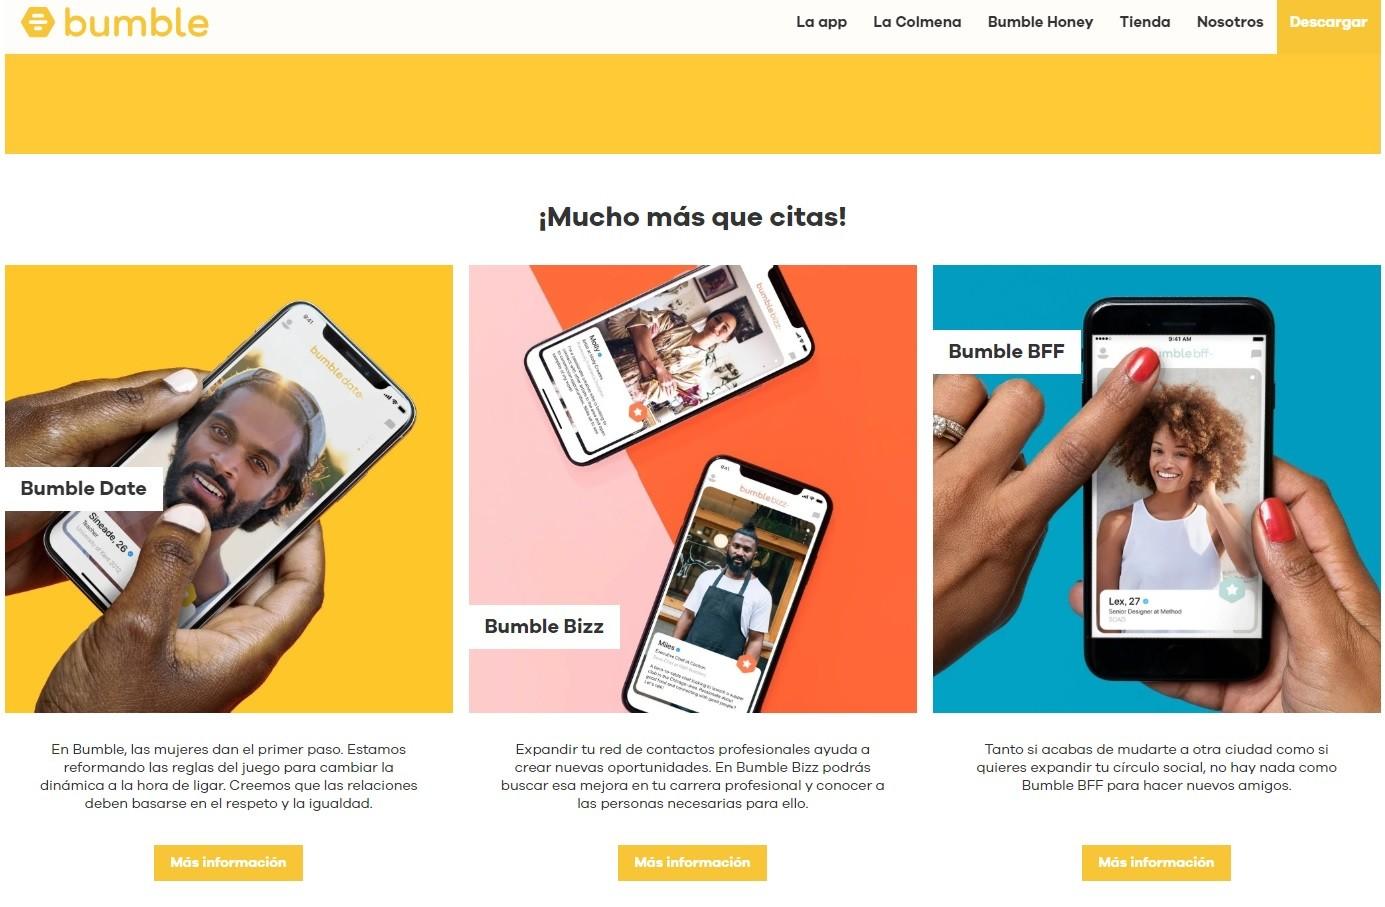 Bumble, una app de citas en las que la mujeres mandan